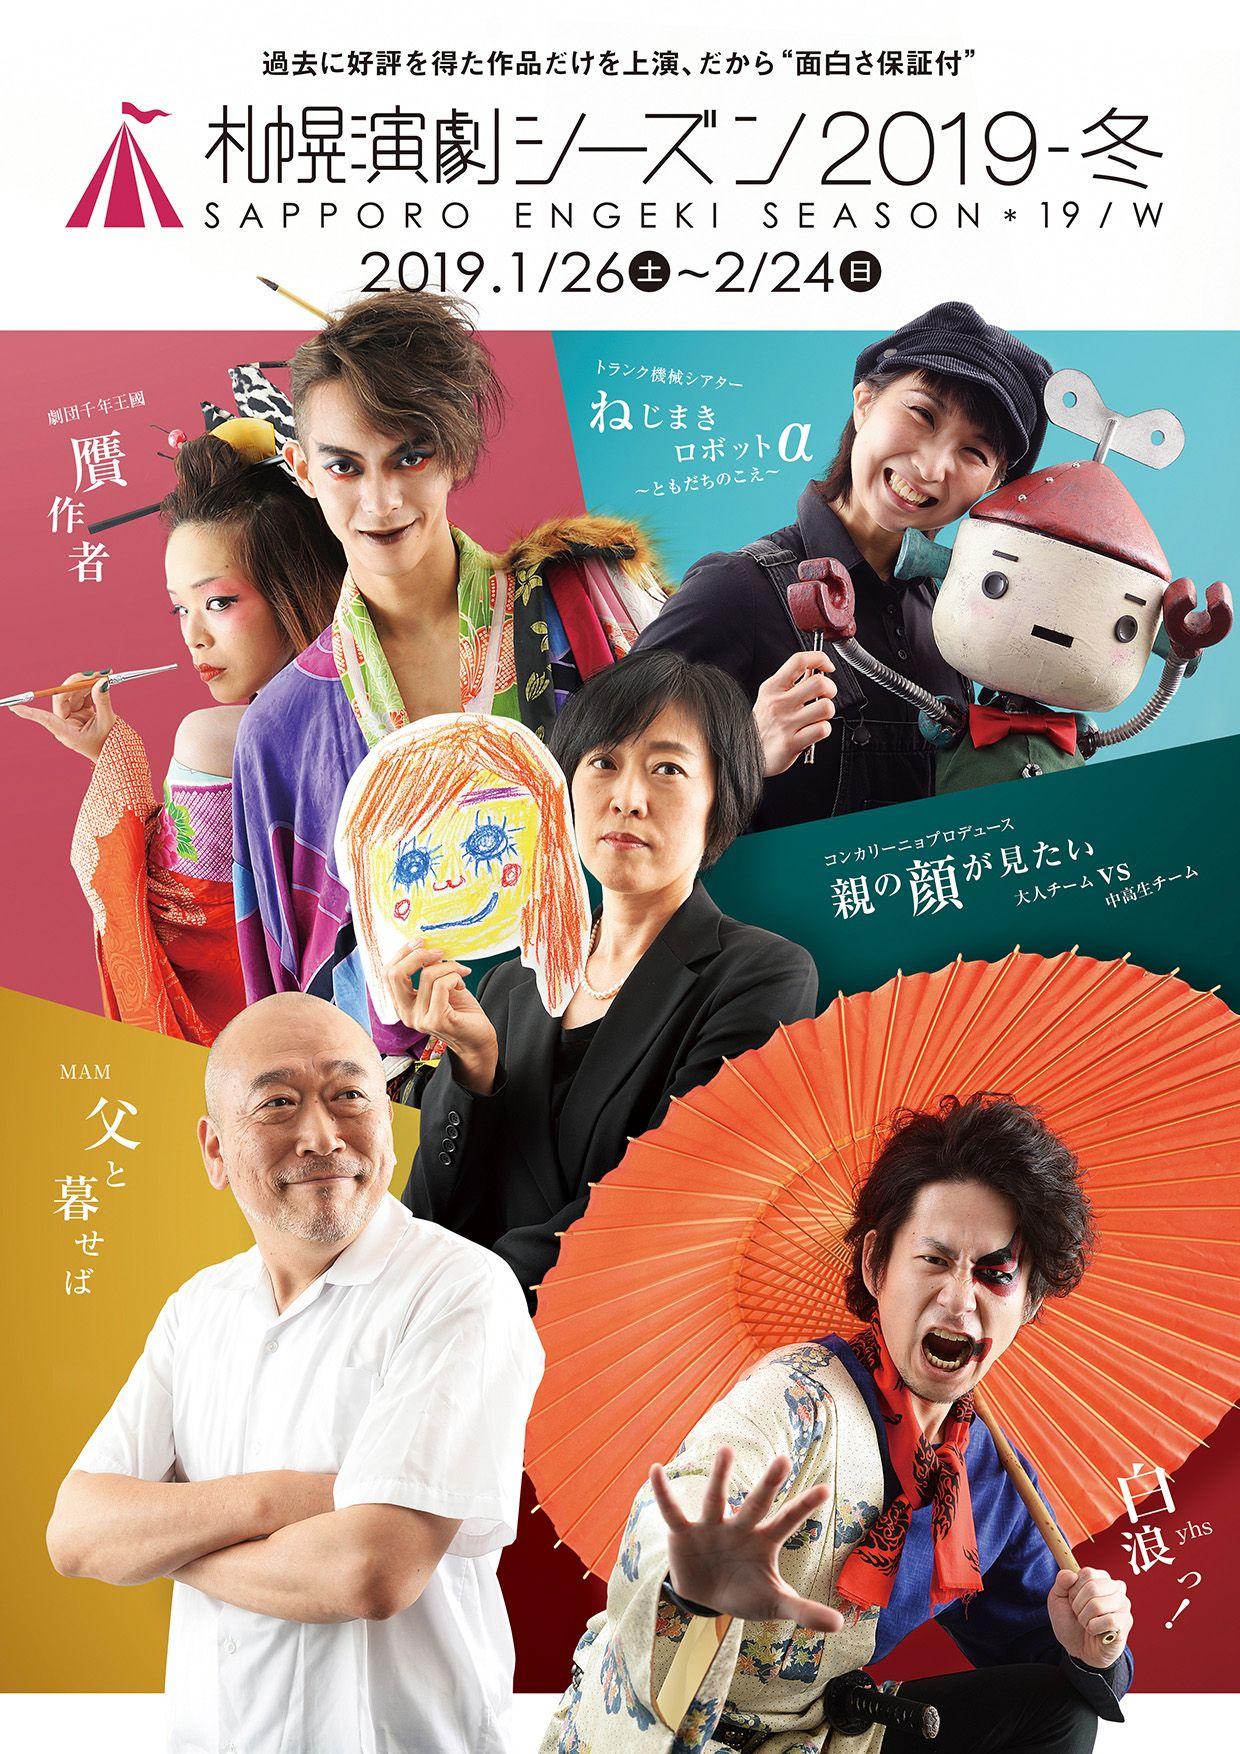 札幌演劇シーズン2019-冬 イメージ画像